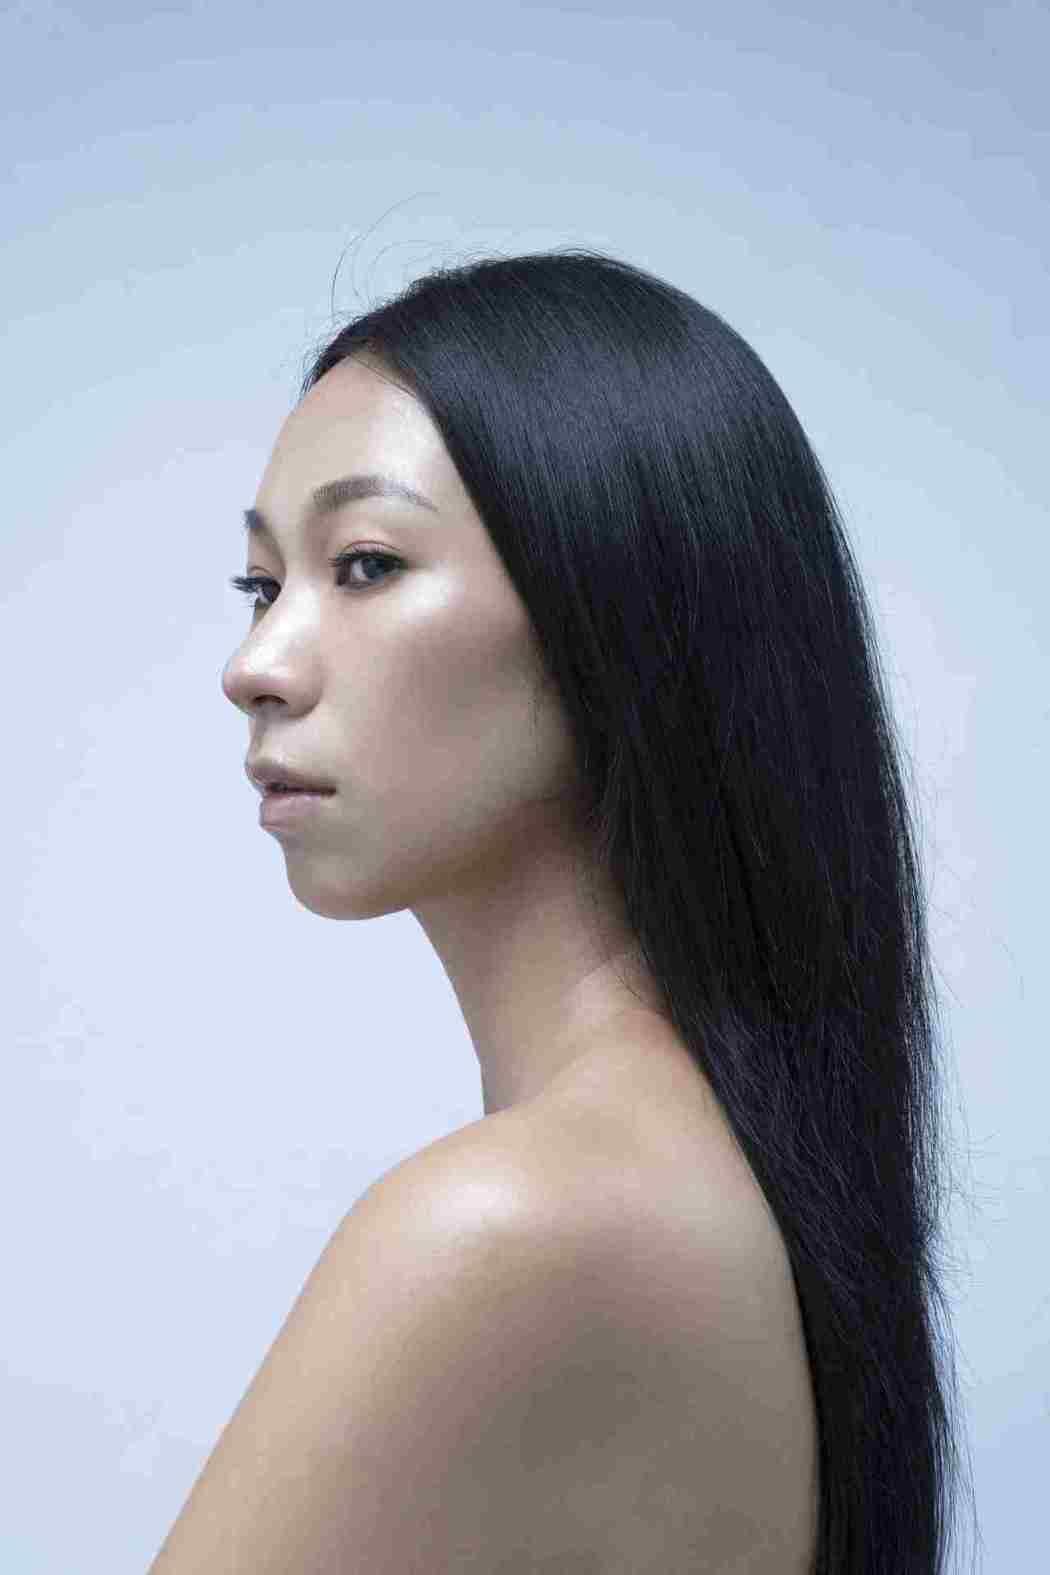 雅維·茉芮為全新宣傳照全裸上陣,僅長髮遮掩酥胸。圖/獨一無二娛樂文化提供